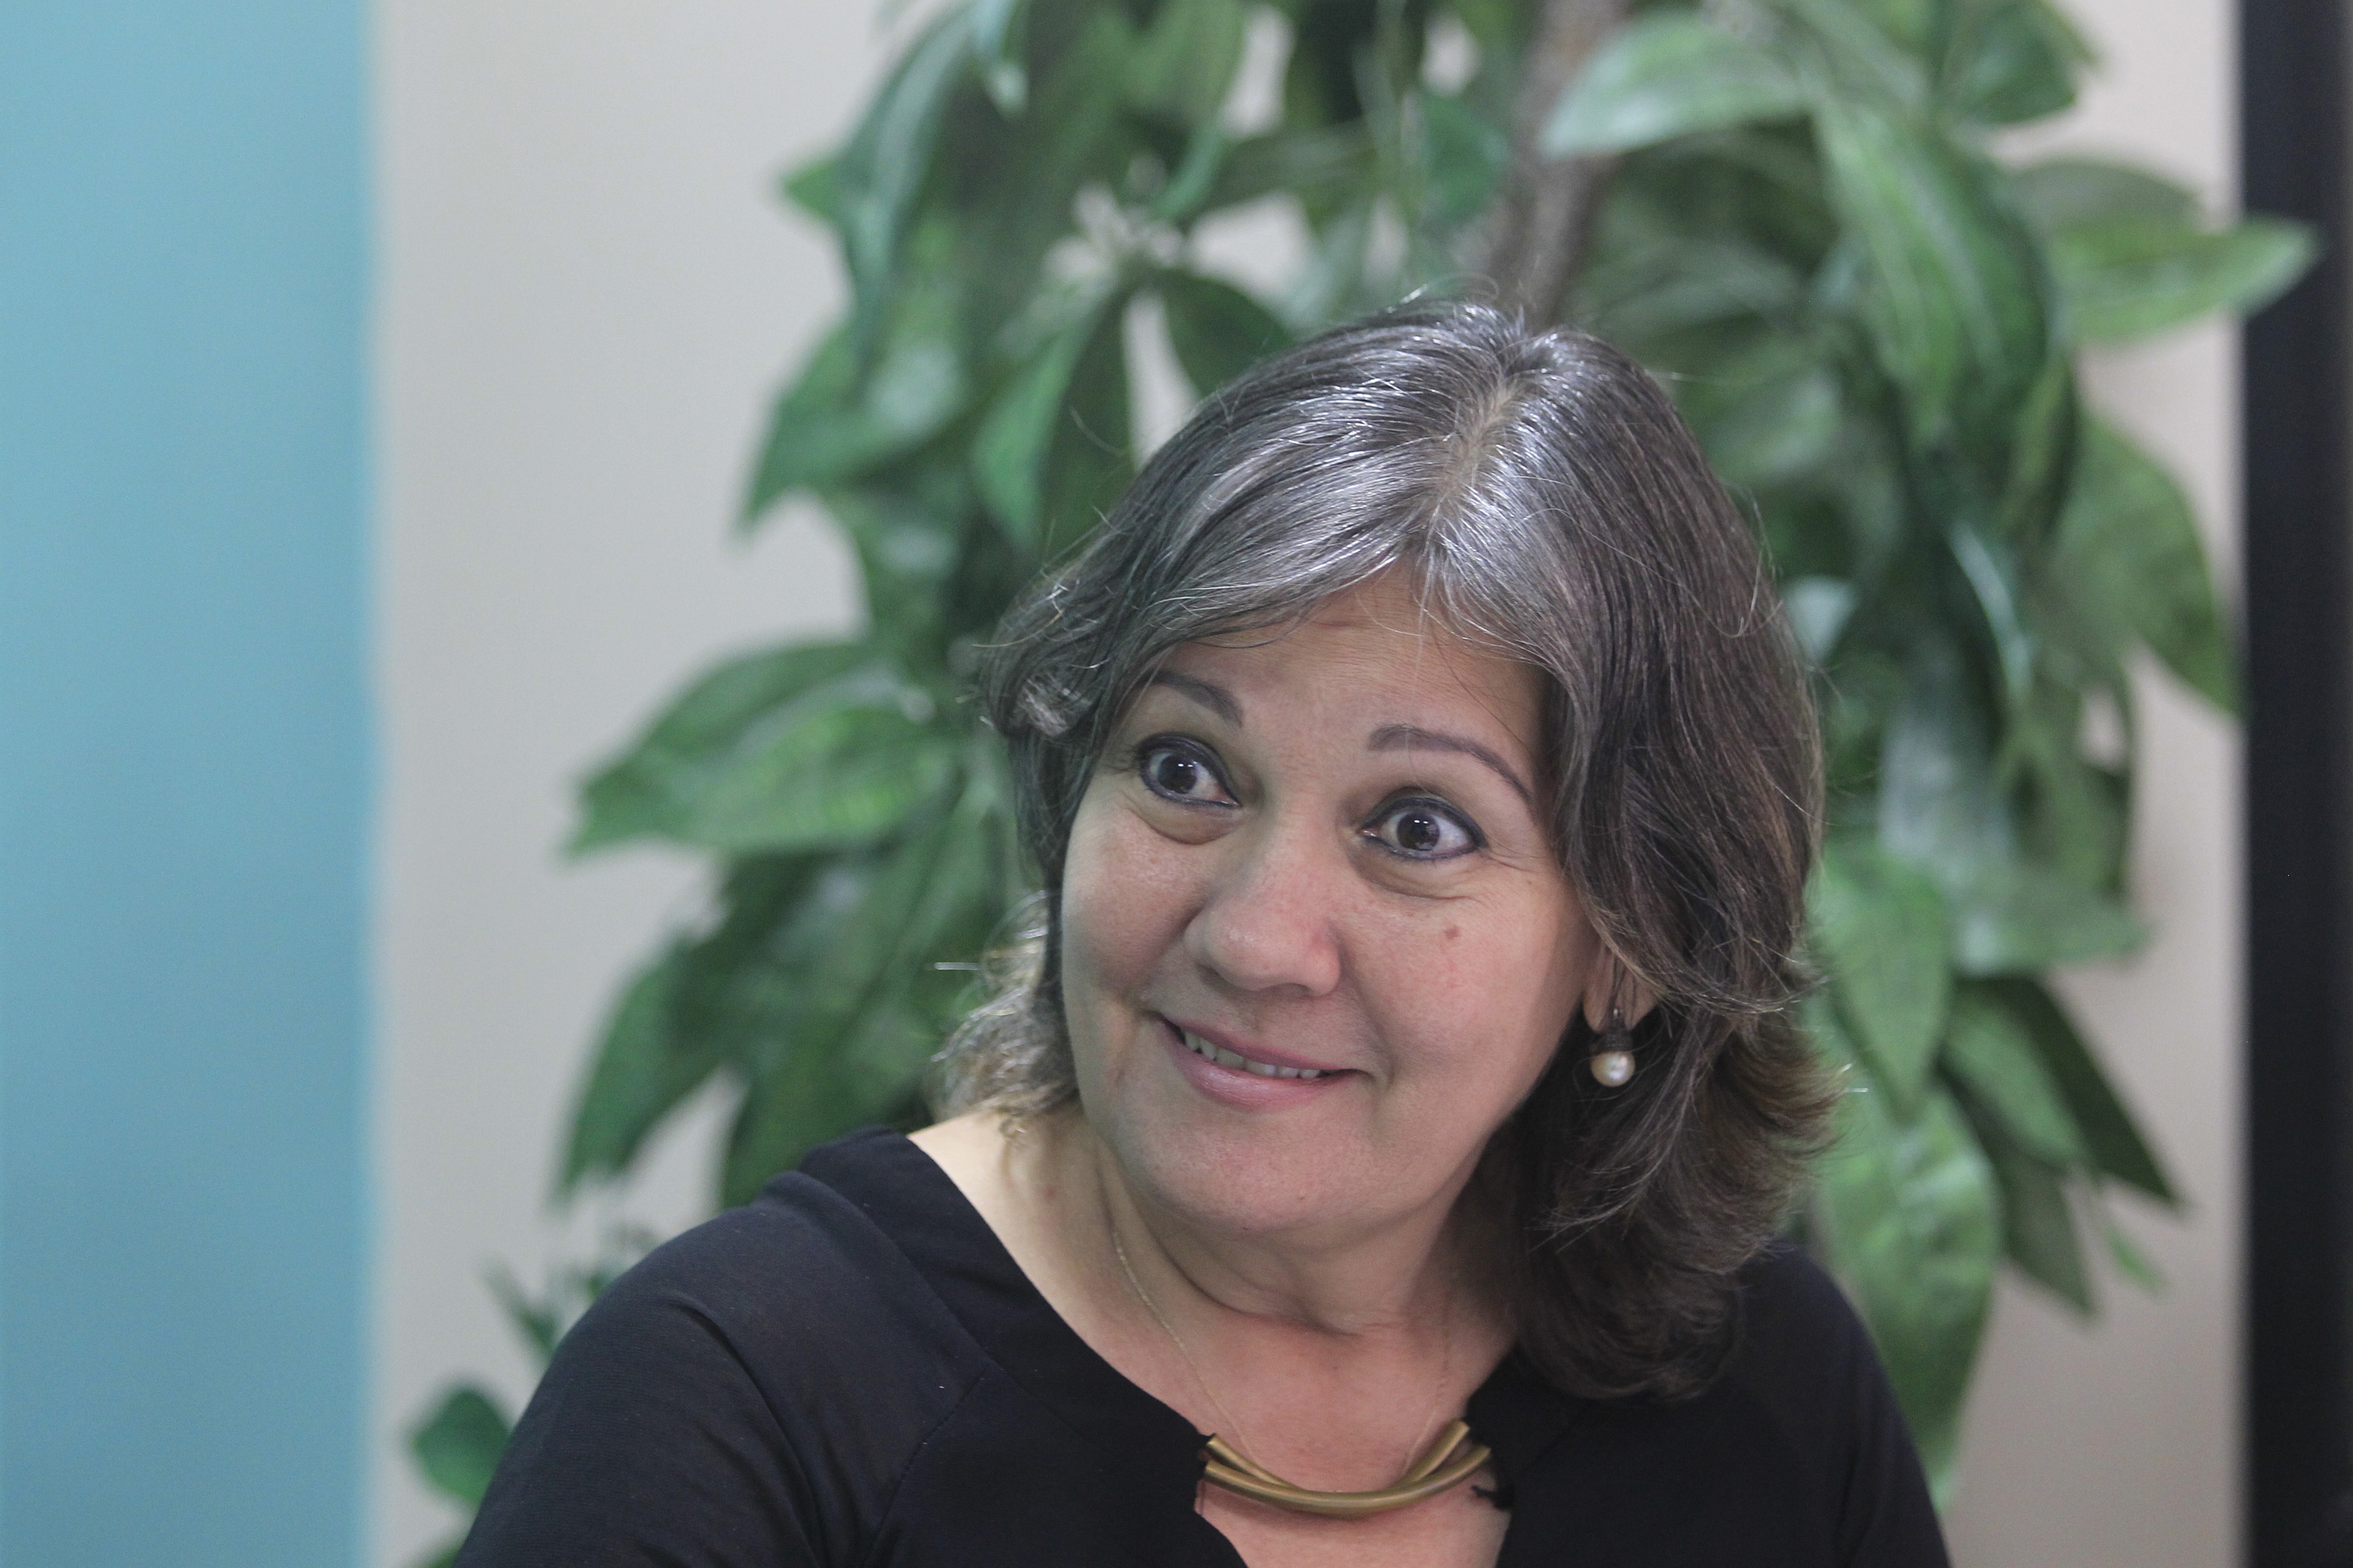 La coordinadora de las acciones de género en el Ministerio de La Agricultura (MINAGRI)Julia Muriel conversa con IPS, en la sede del MINAGRI, La Habana, Cuba. 17 de diciembre de 2019. Crédito: Jorge Luis Baños/IPS.